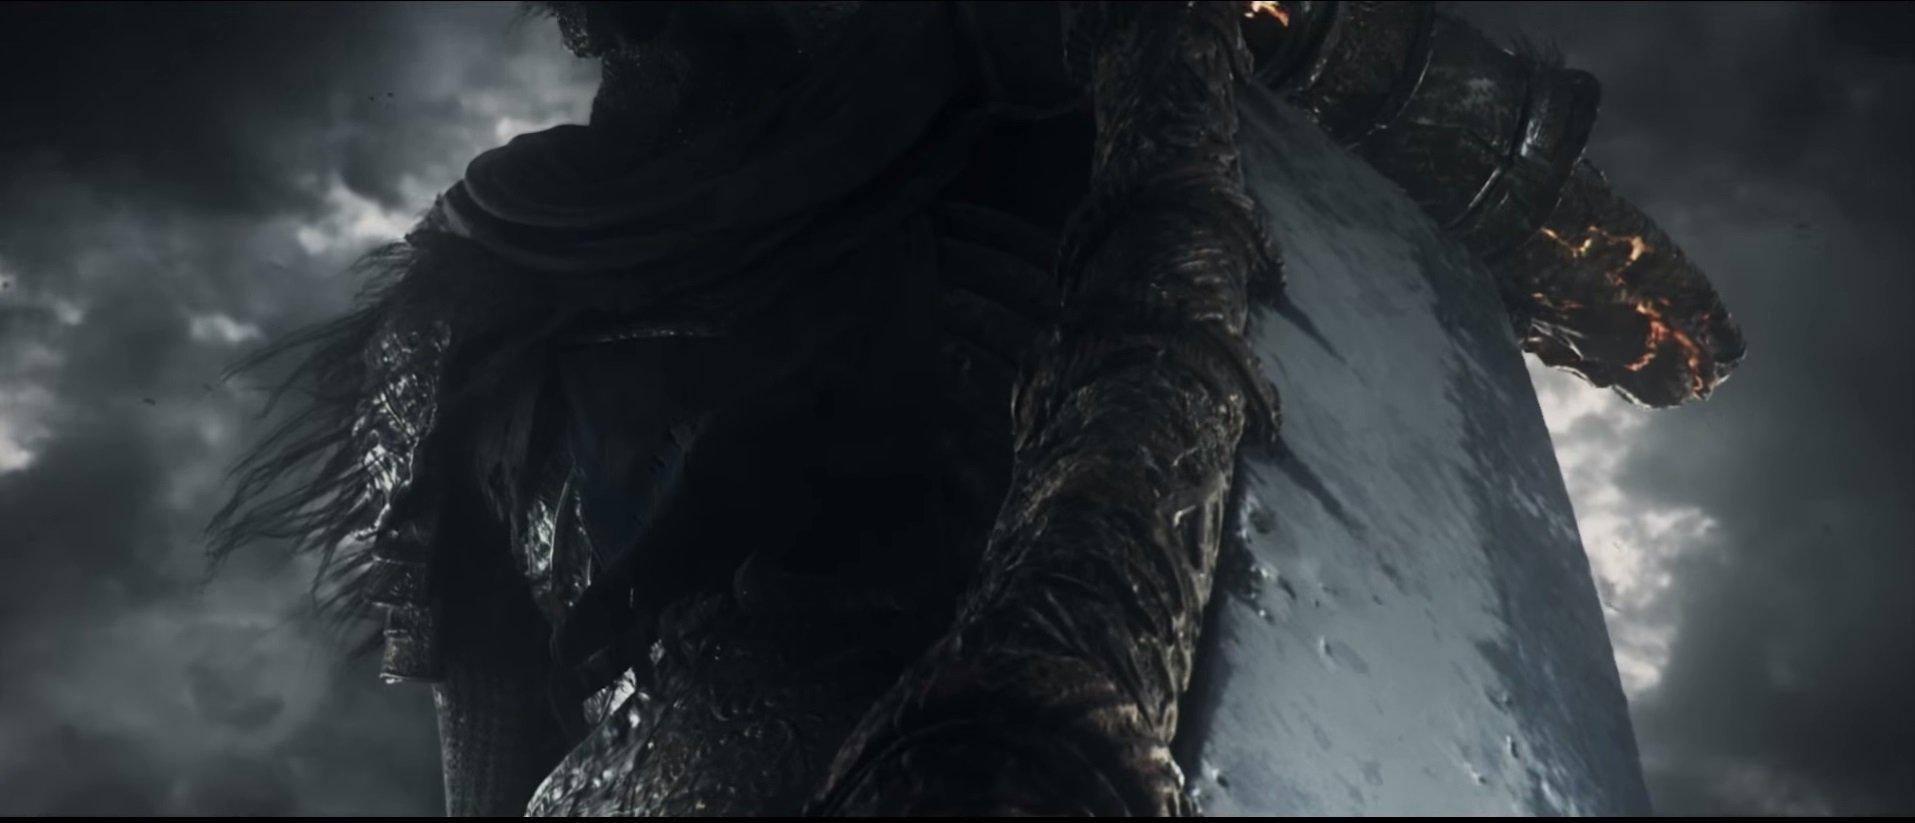 Не украденное рассмотрение трейлера Dark Souls 3. - Изображение 5